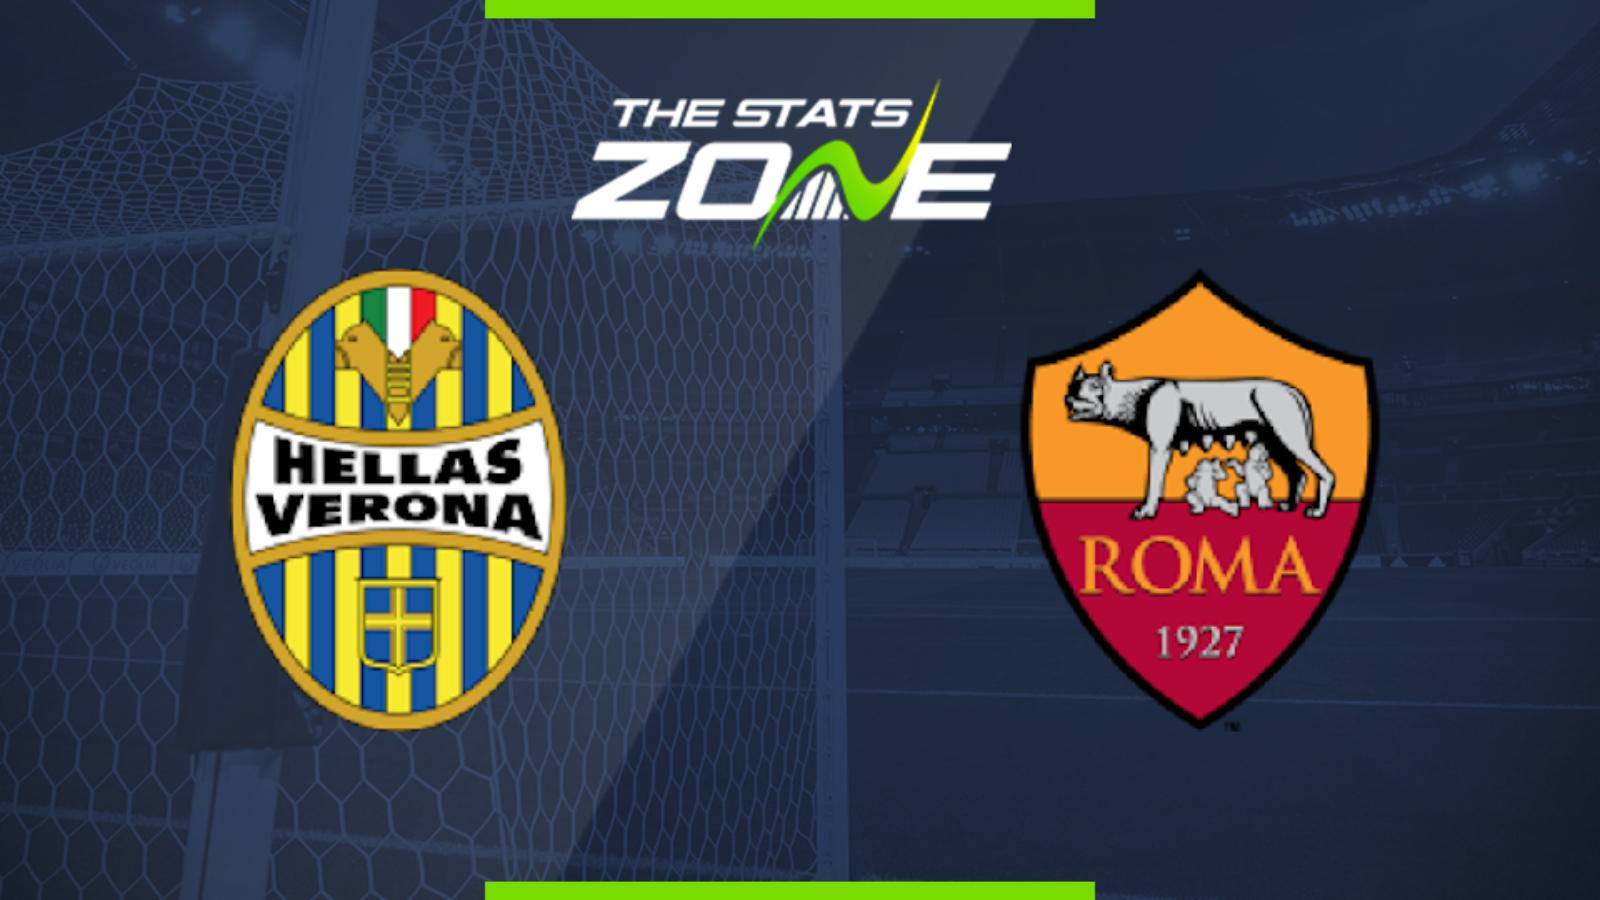 Hellas verona vs roma betting tips ny giants betting line